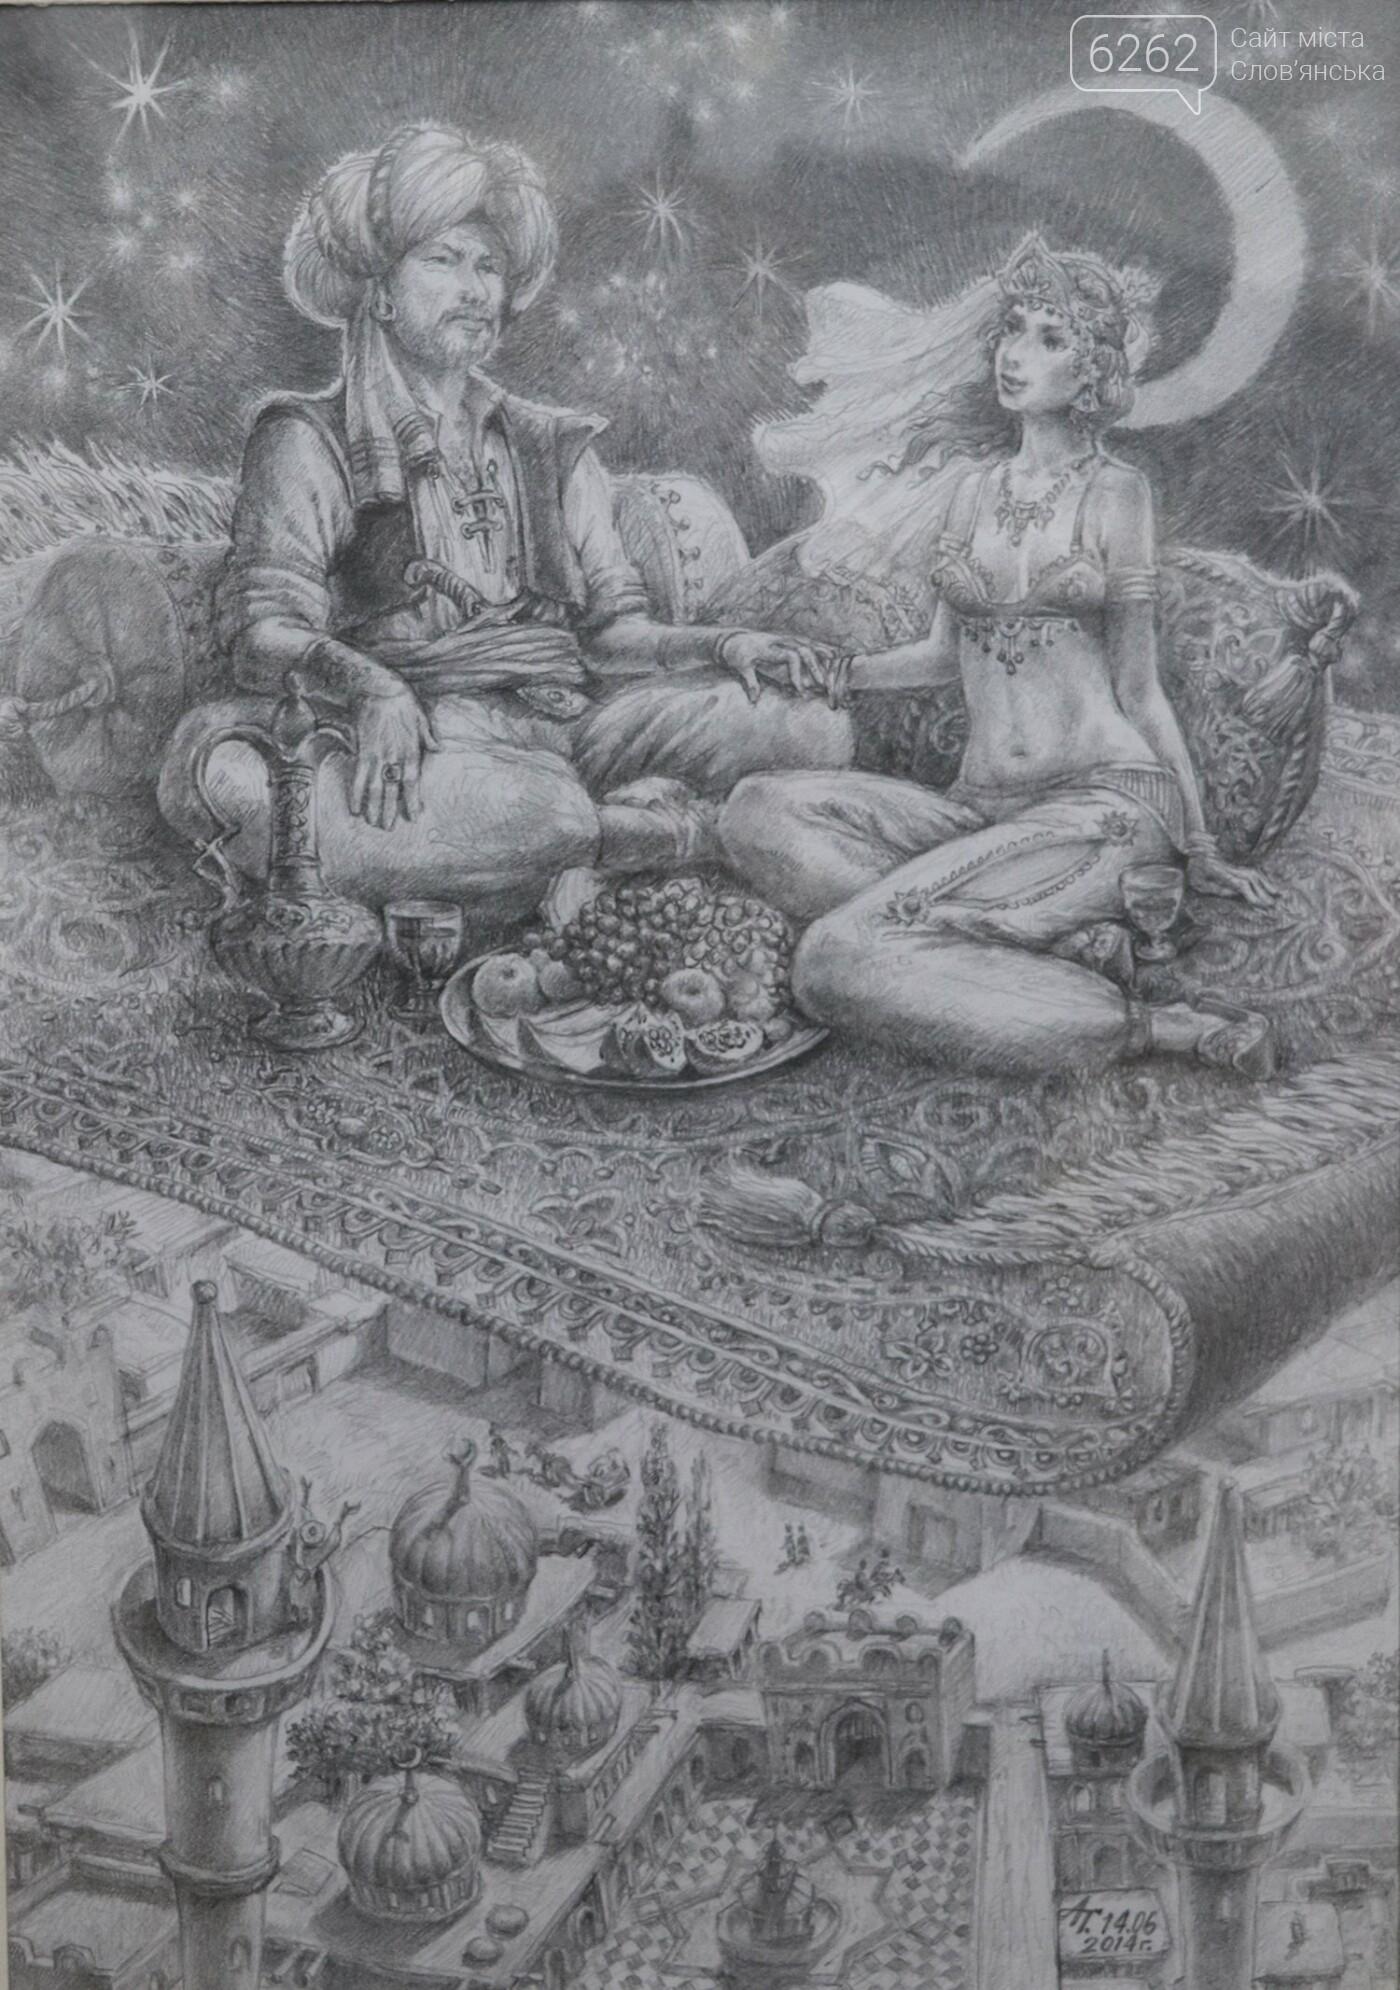 """Легенди Єгипту та казки - у музеї Слов'янська відкрилася виставка """"без олії"""", фото-10"""